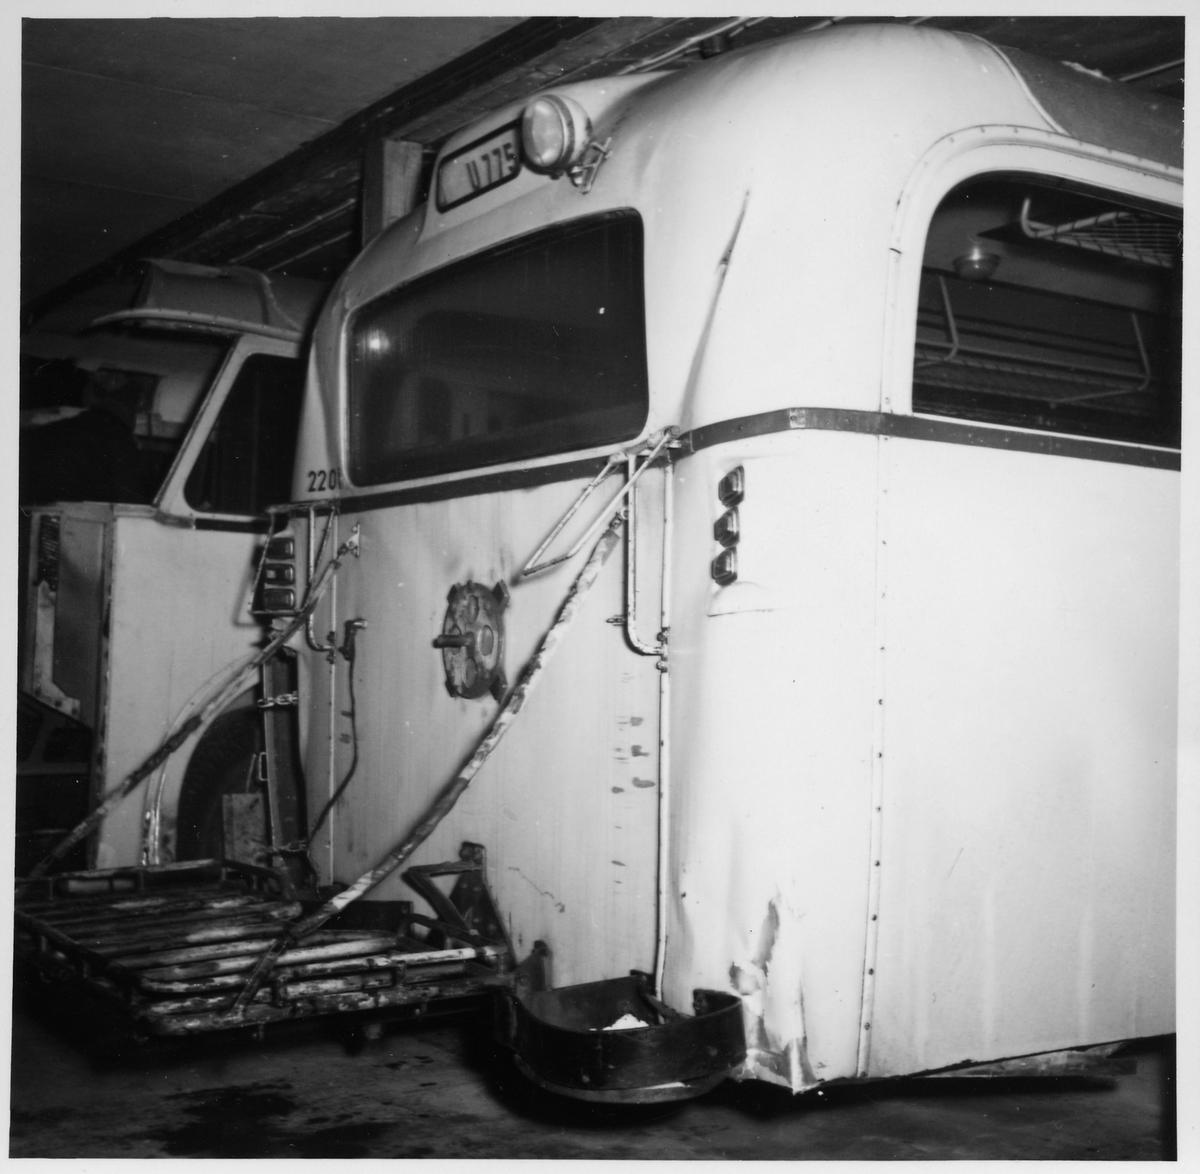 Scania-Vabis B62 buss inne för reparation vid Svenska Karosseriverkstäderna, SKV. Statens Järnvägar, SJ buss 2201.